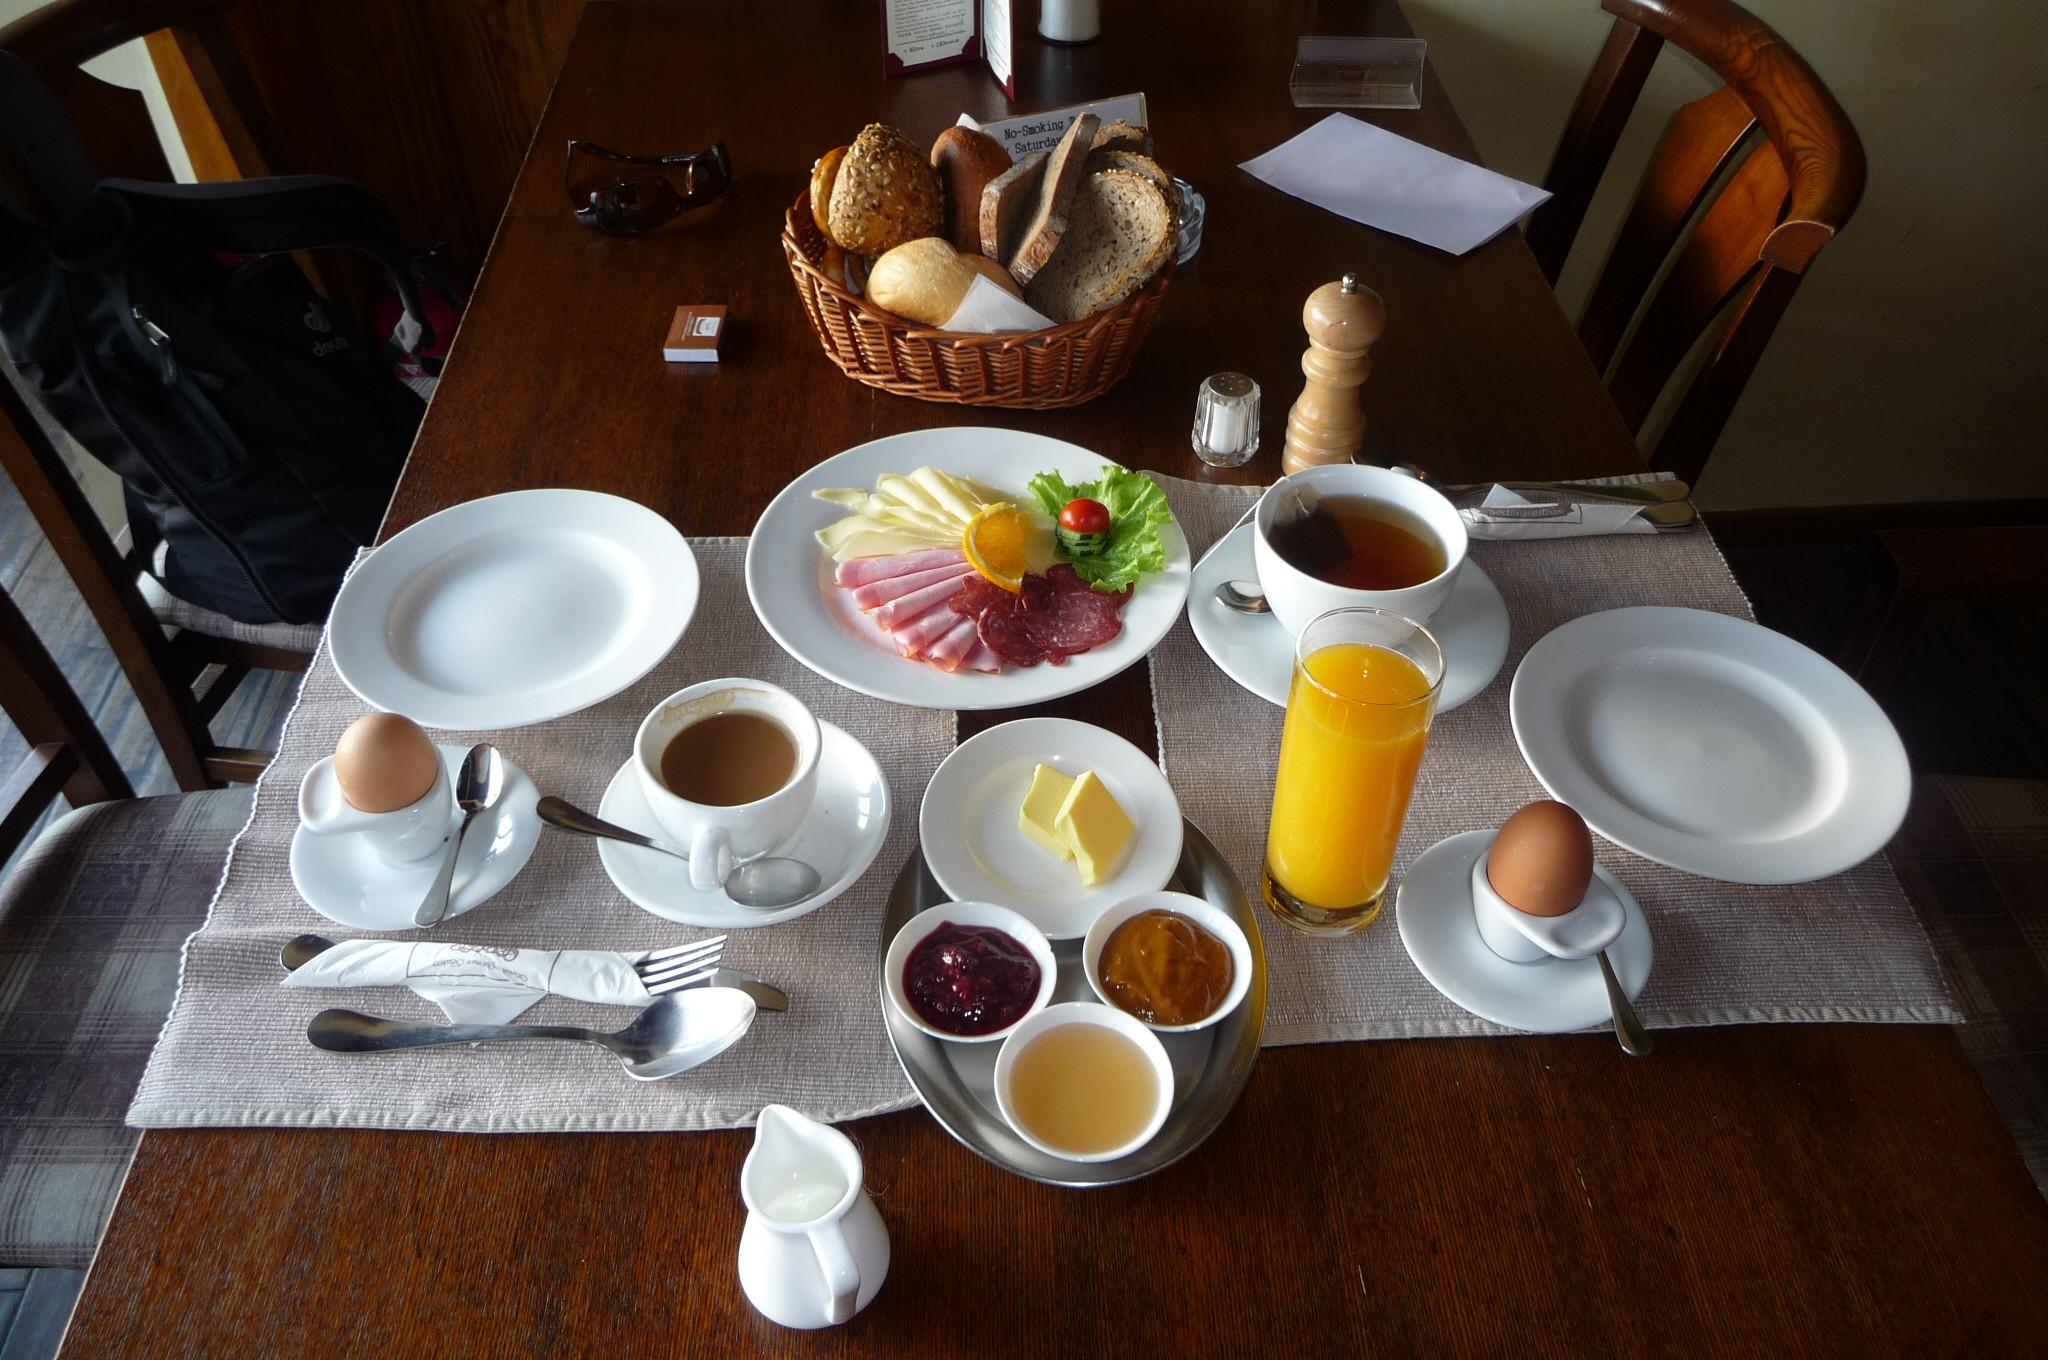 What'S For Dinner Meme  Breakfast Tea Muhammad Al Zekri 039 s Blog English